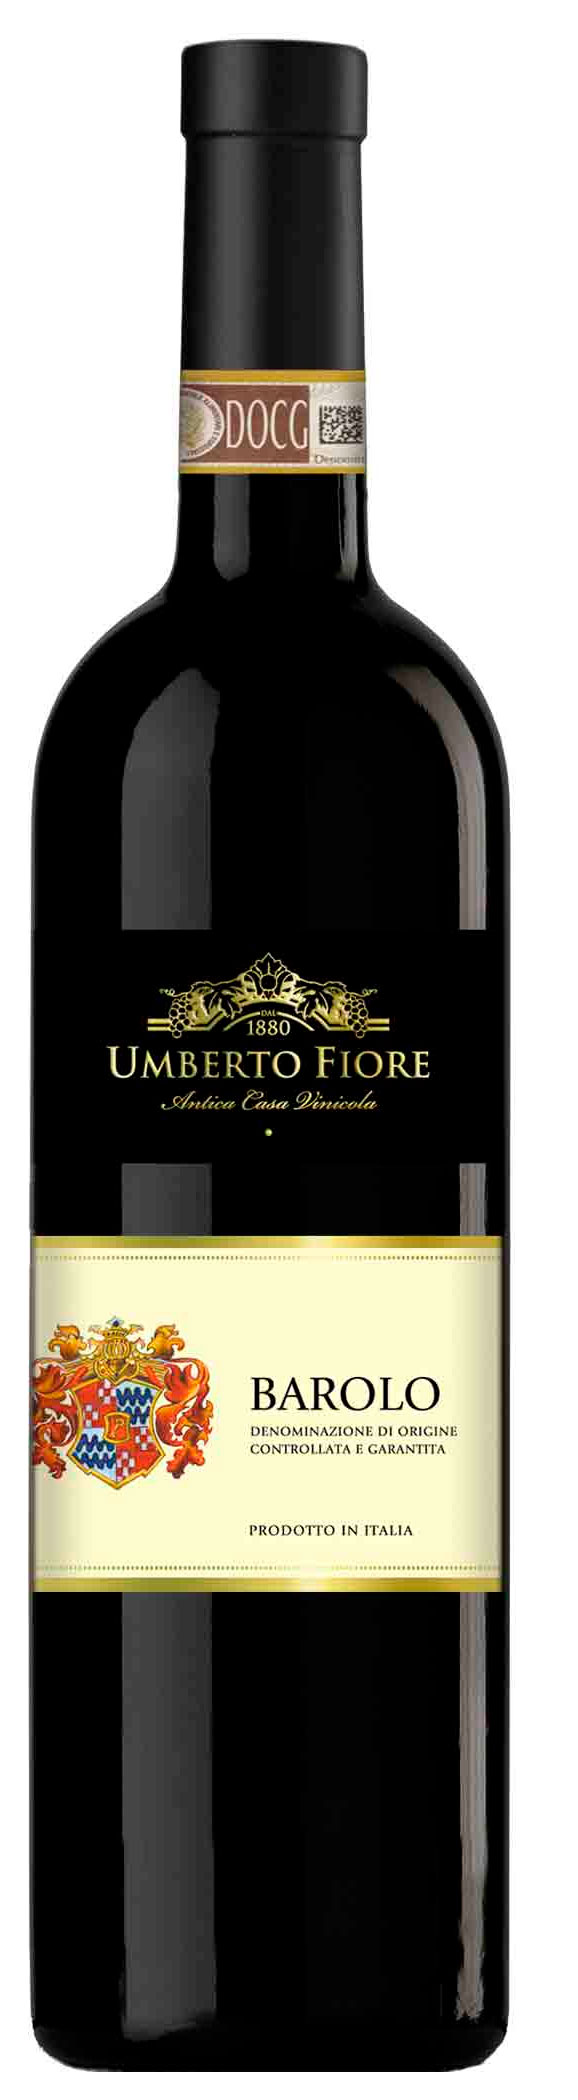 Barolo Umberto Fiore ( Cantine Manfredi ) 2015